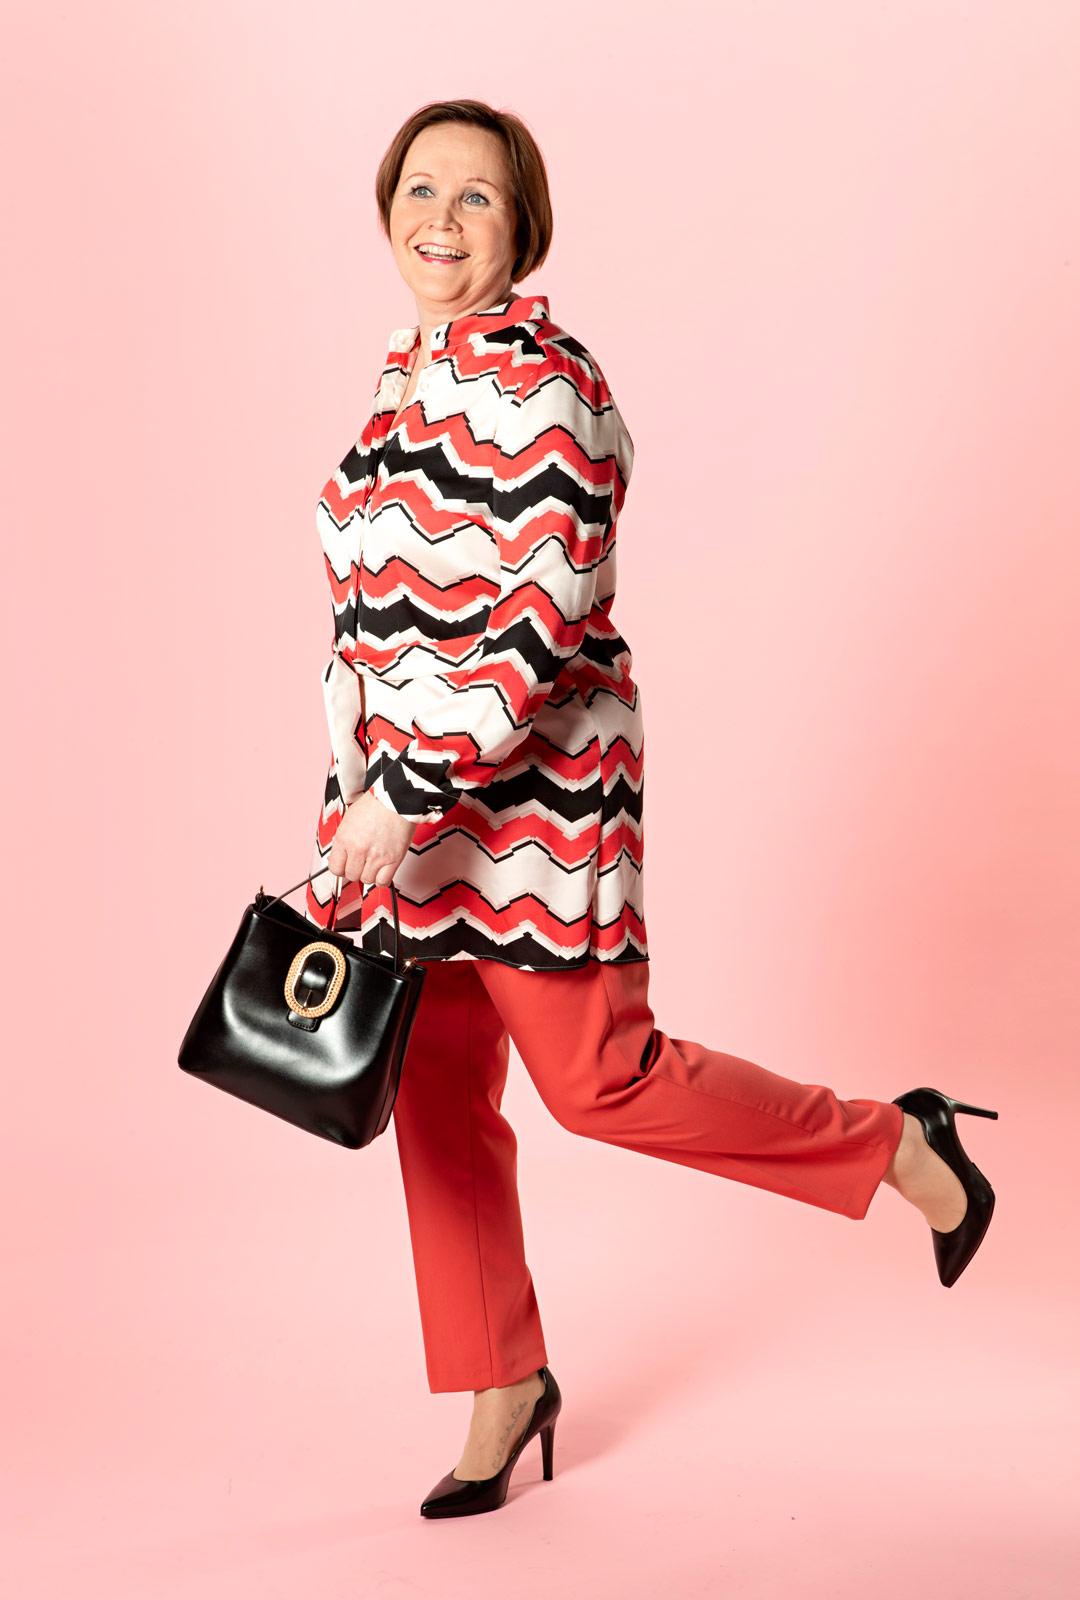 Punaiset housut ovat pirteä vaihtoehto farkuille, ja ne tuovat pitkät sääret esille.